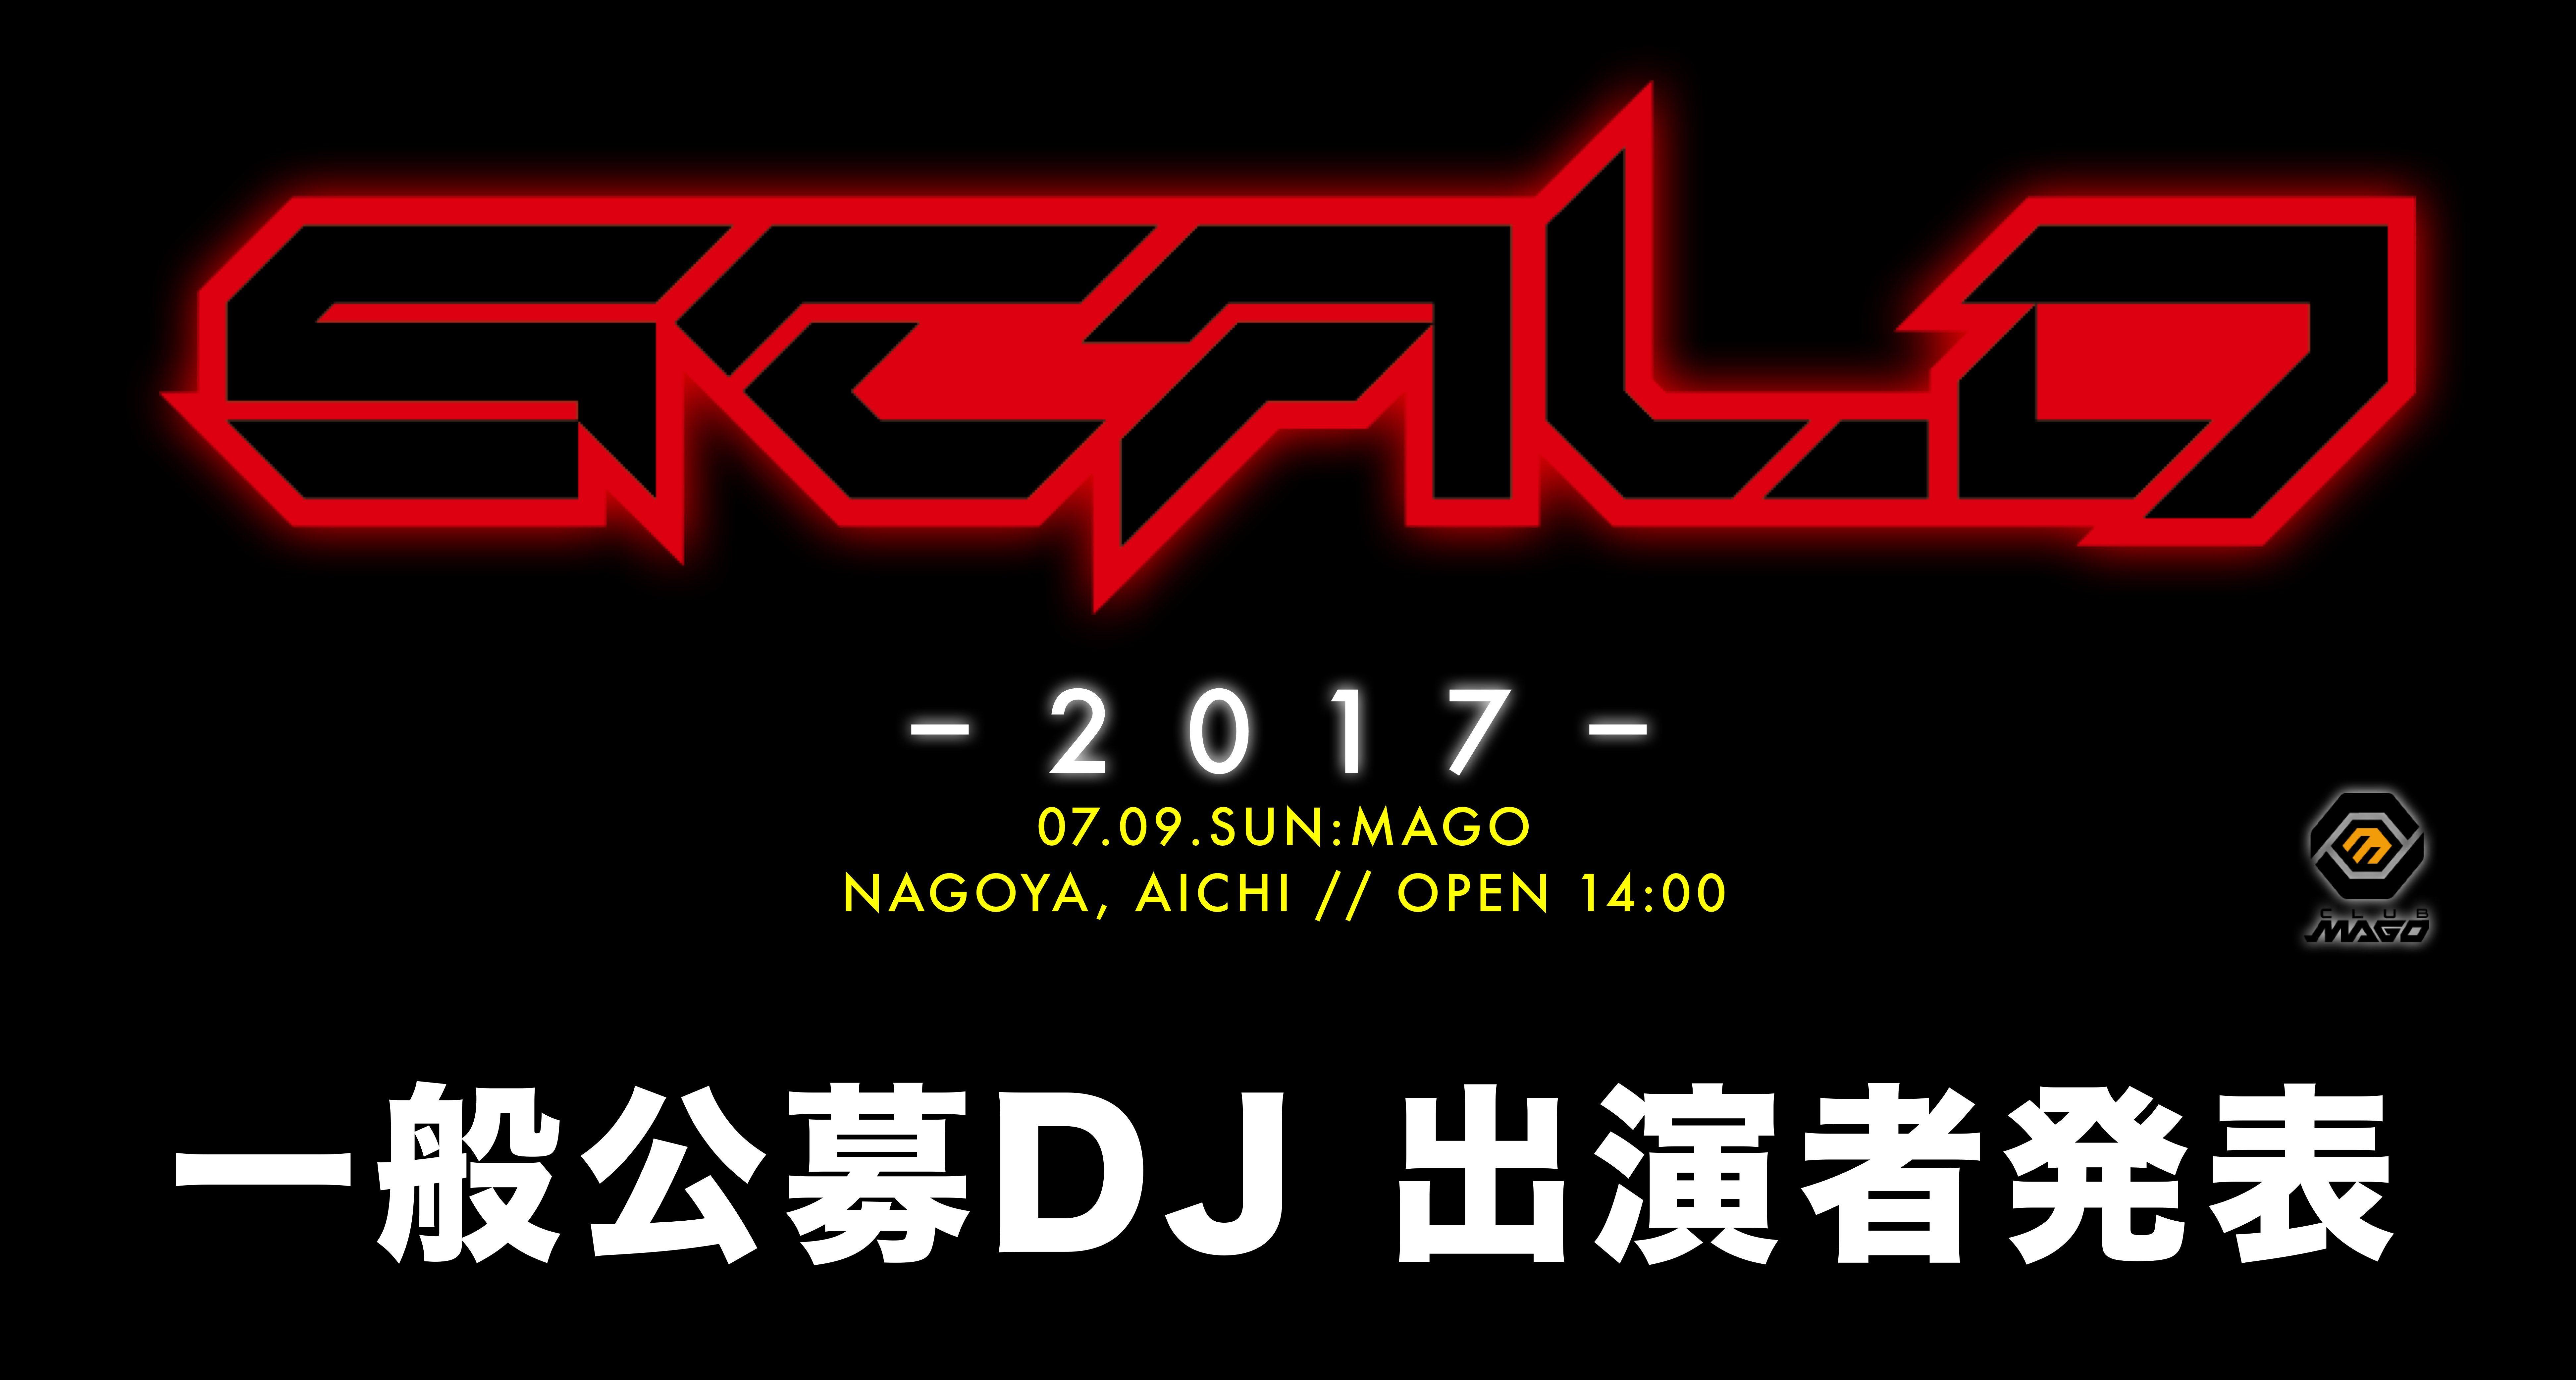 SCALD2017一般公募DJ発表pop